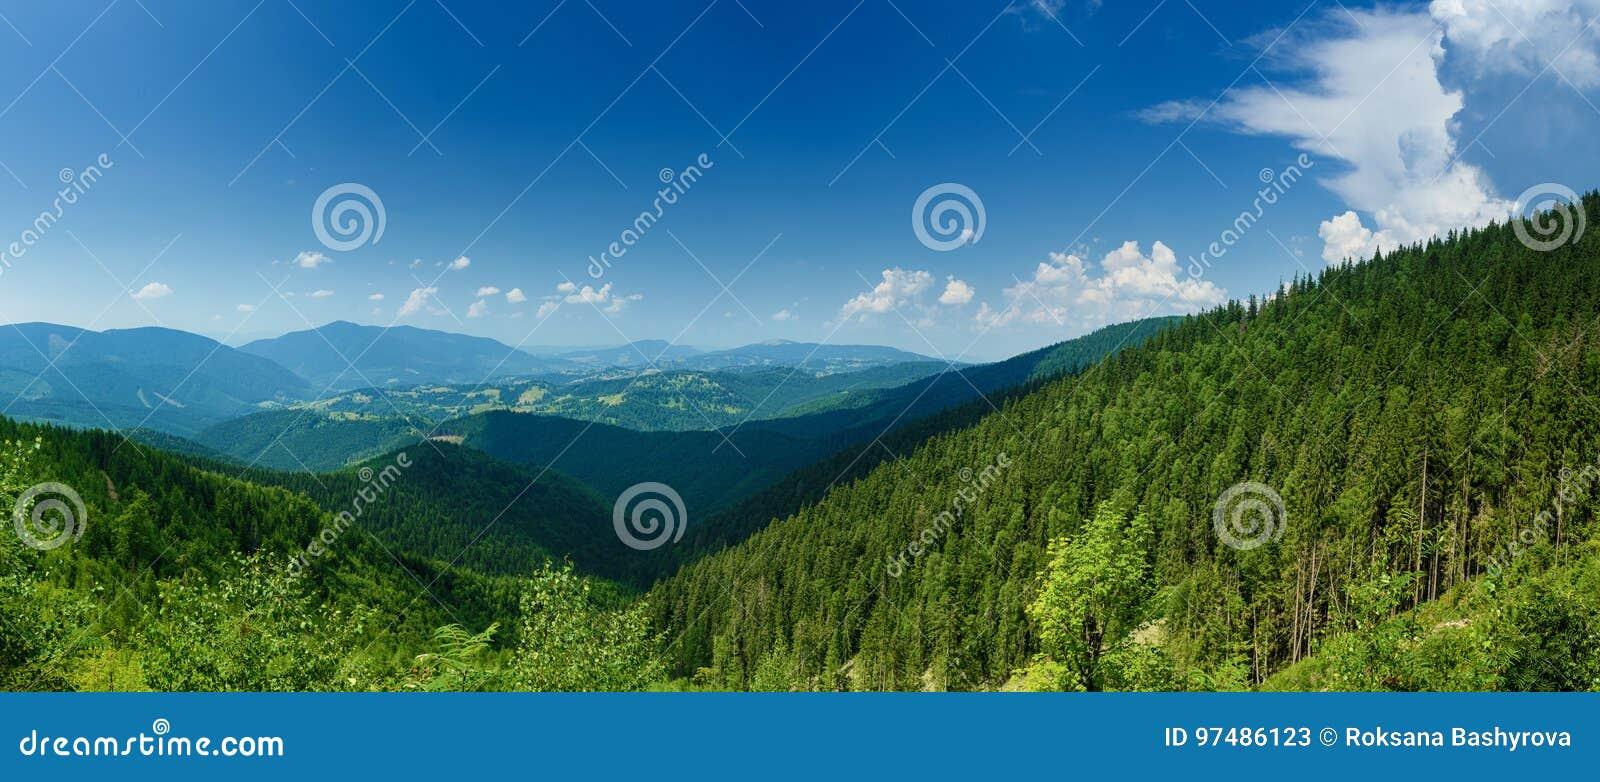 Paesaggio della montagna carpatica